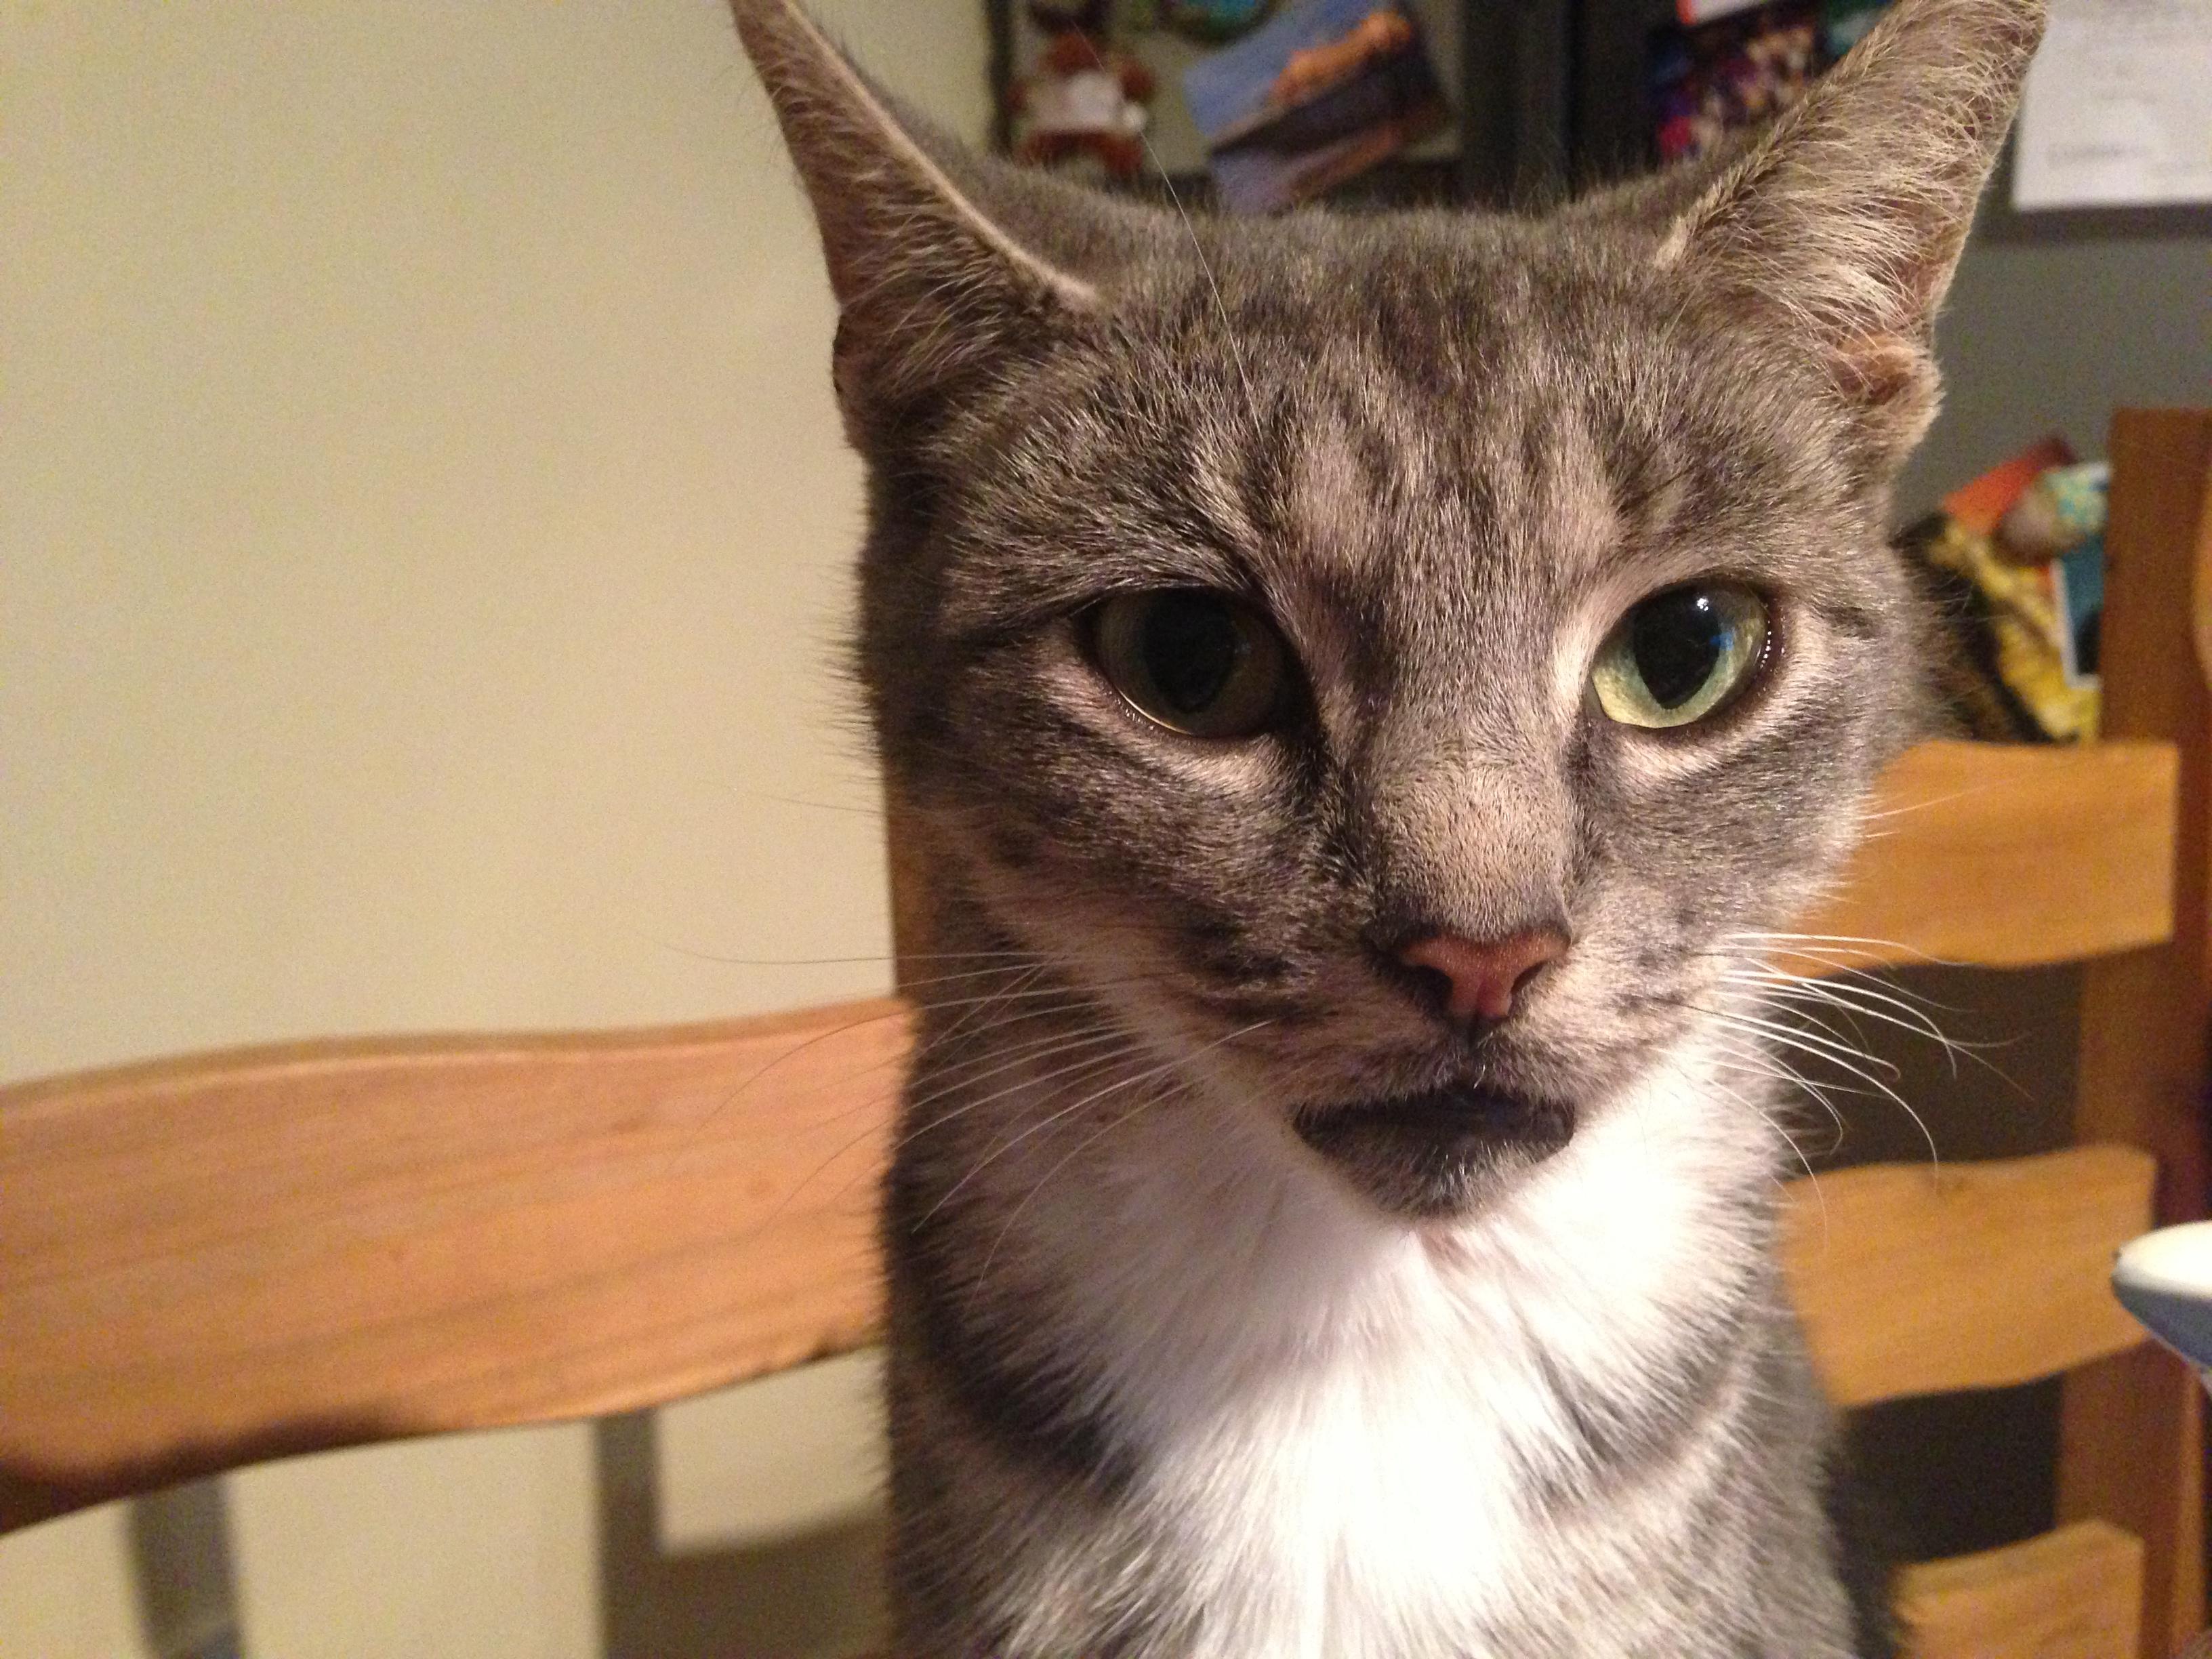 Mum cat - what a slut